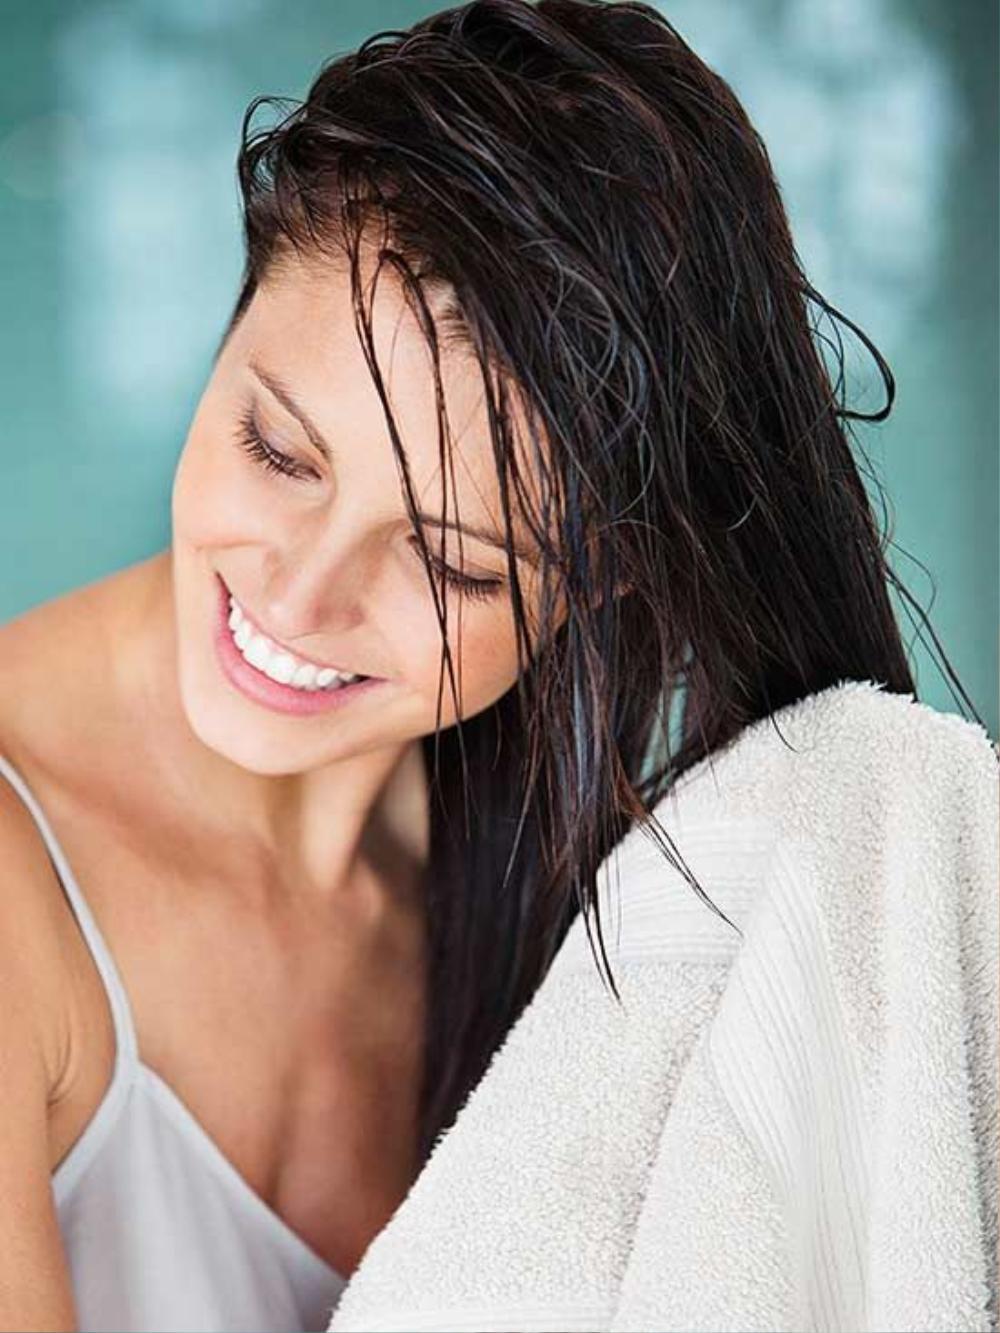 7 bí quyết giúp tóc mọc nhanh, dày đẹp của phụ nữ Ấn Độ Ảnh 3